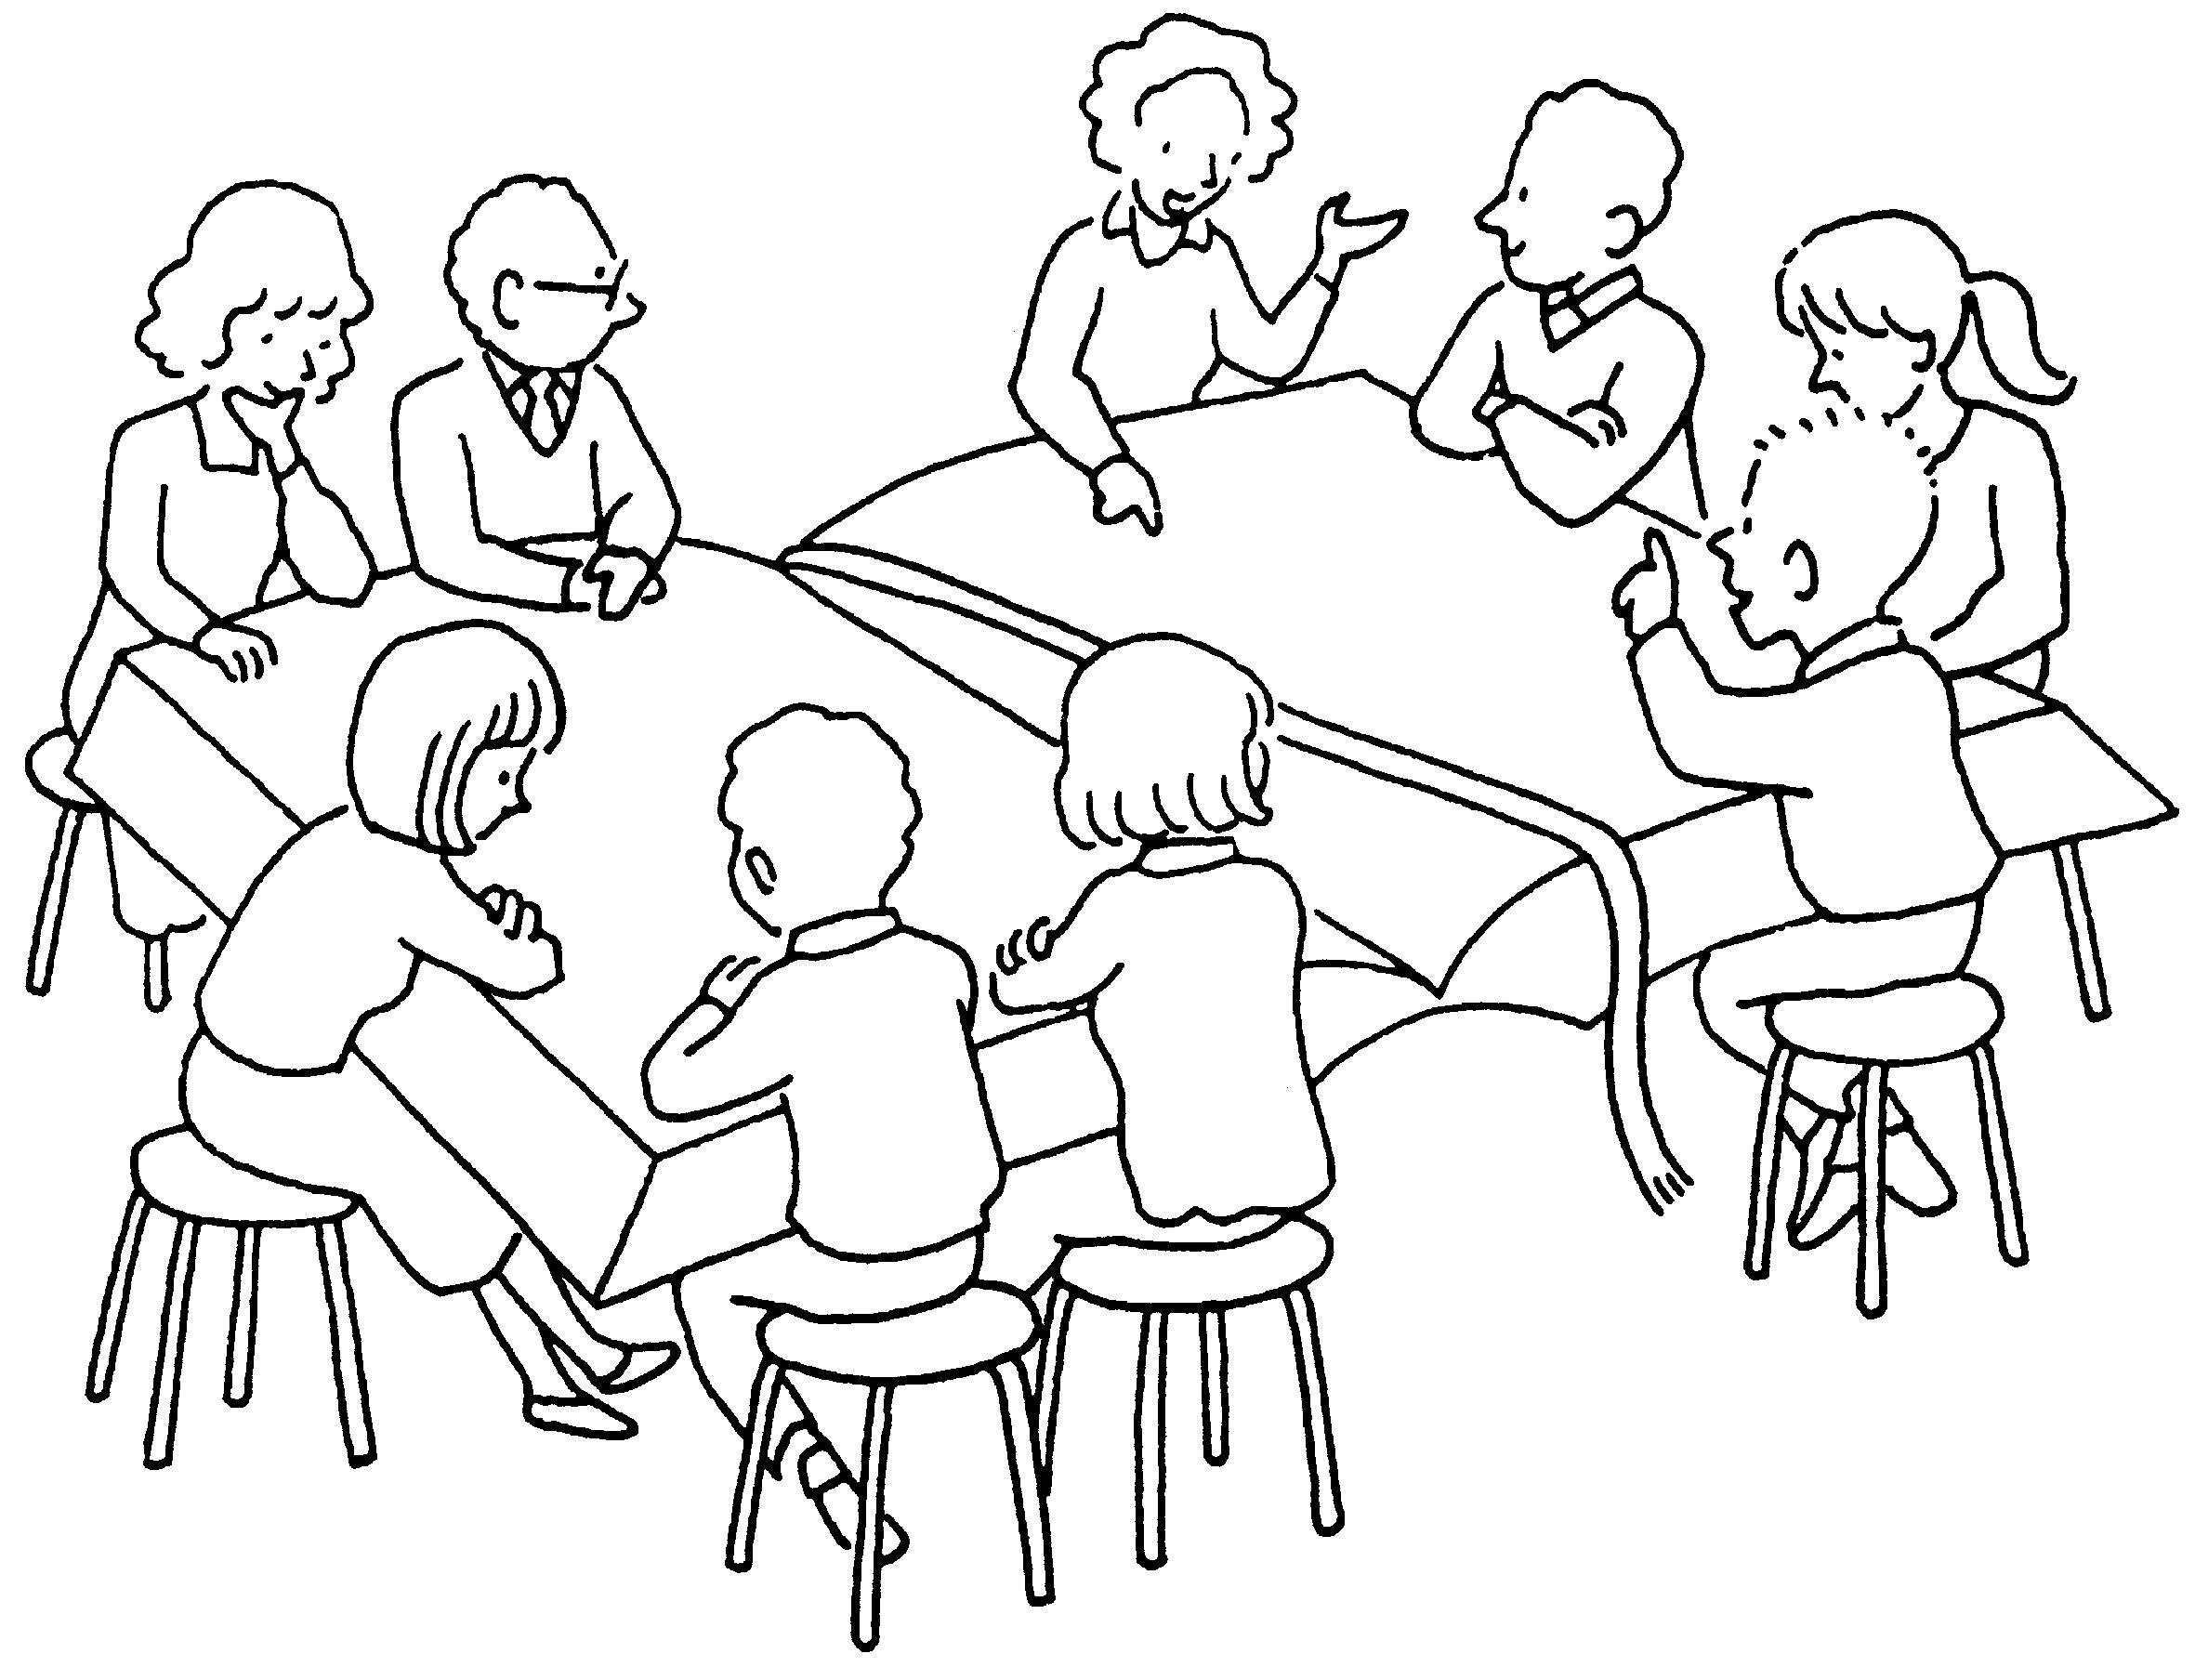 Résultats de recherche d'images pour «dessin catéchèse autour d'une table»